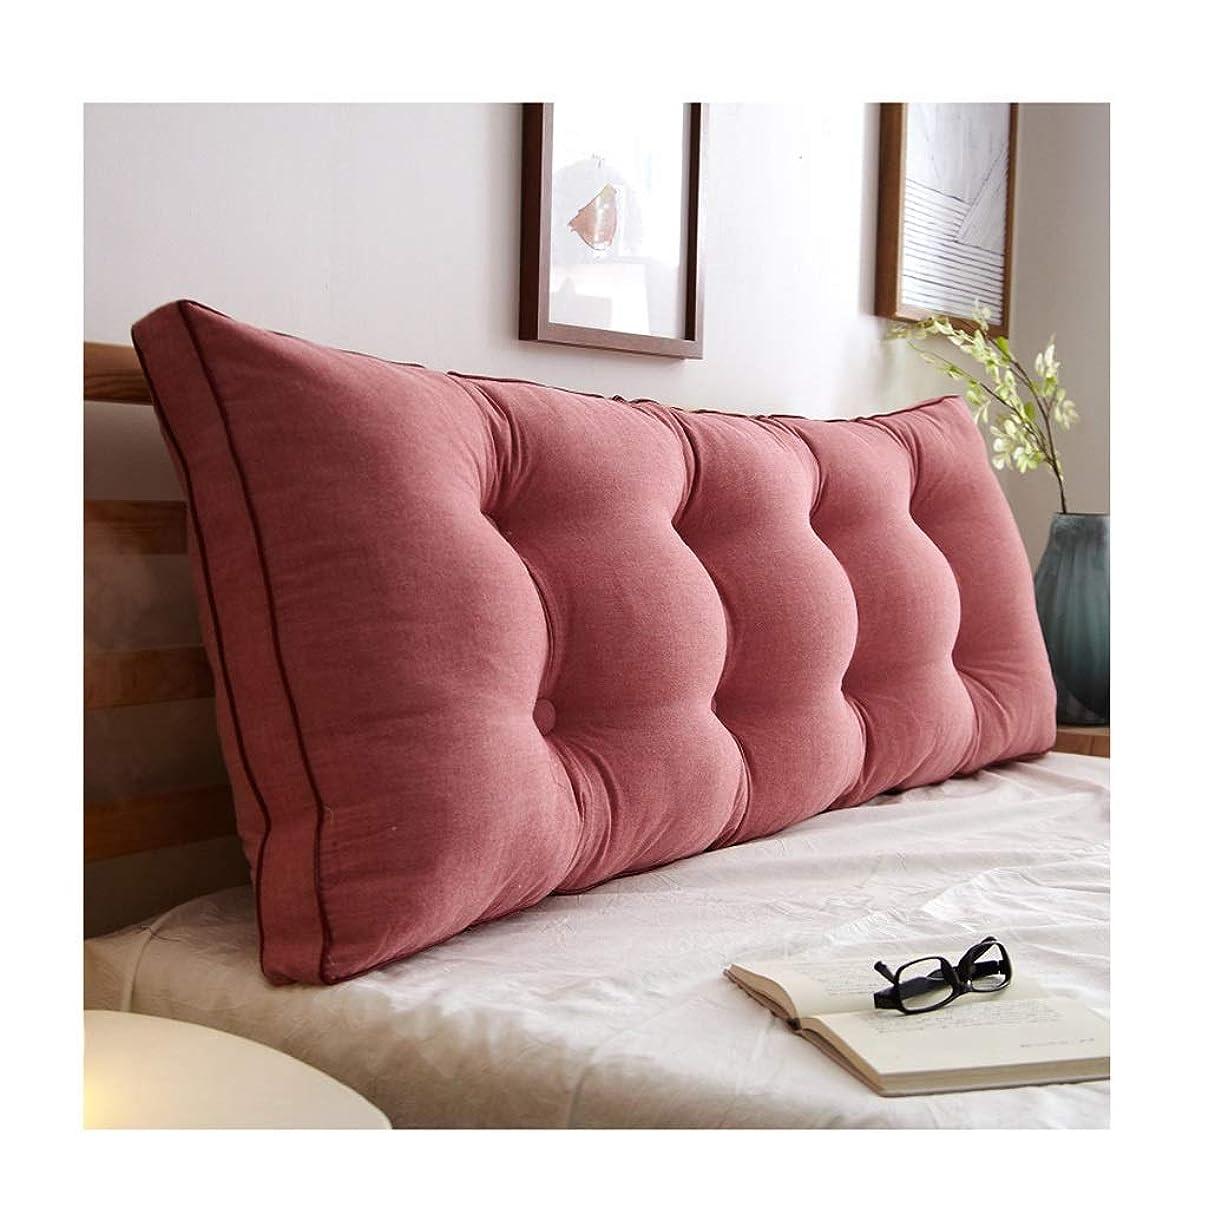 辞任小競り合い理容室2J-QingYun Trade PILLOWS実用的なオフィスのベッドサイドのソファーウエストクッションベッドソフトパック三角枕寝室大型背もたれクッションコットン長方形Dddlt-枕とクッション (サイズ : 120cm)